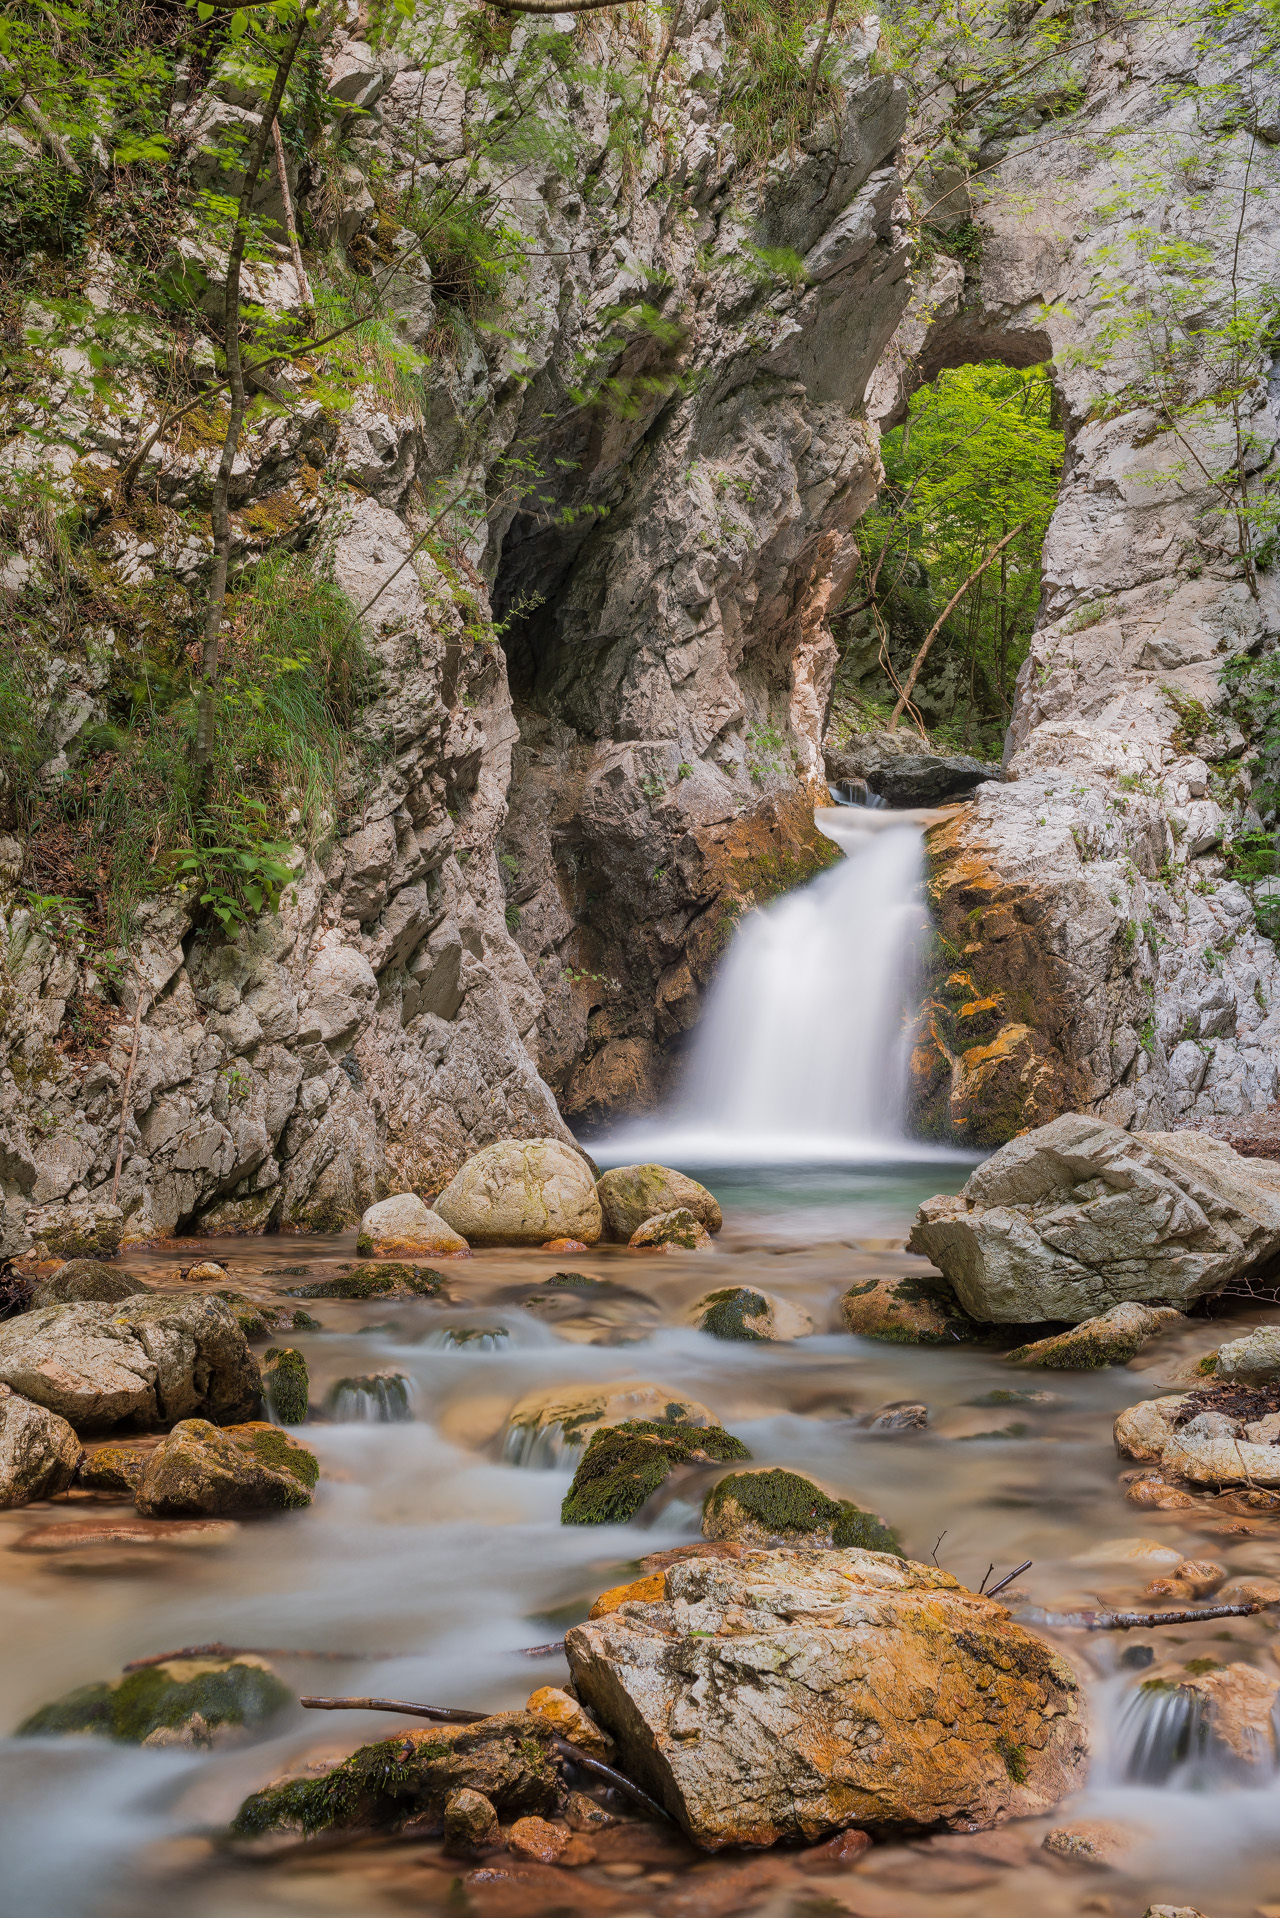 Escursione alle sorgenti di Capofiume @ Collepardo (Frosinone)